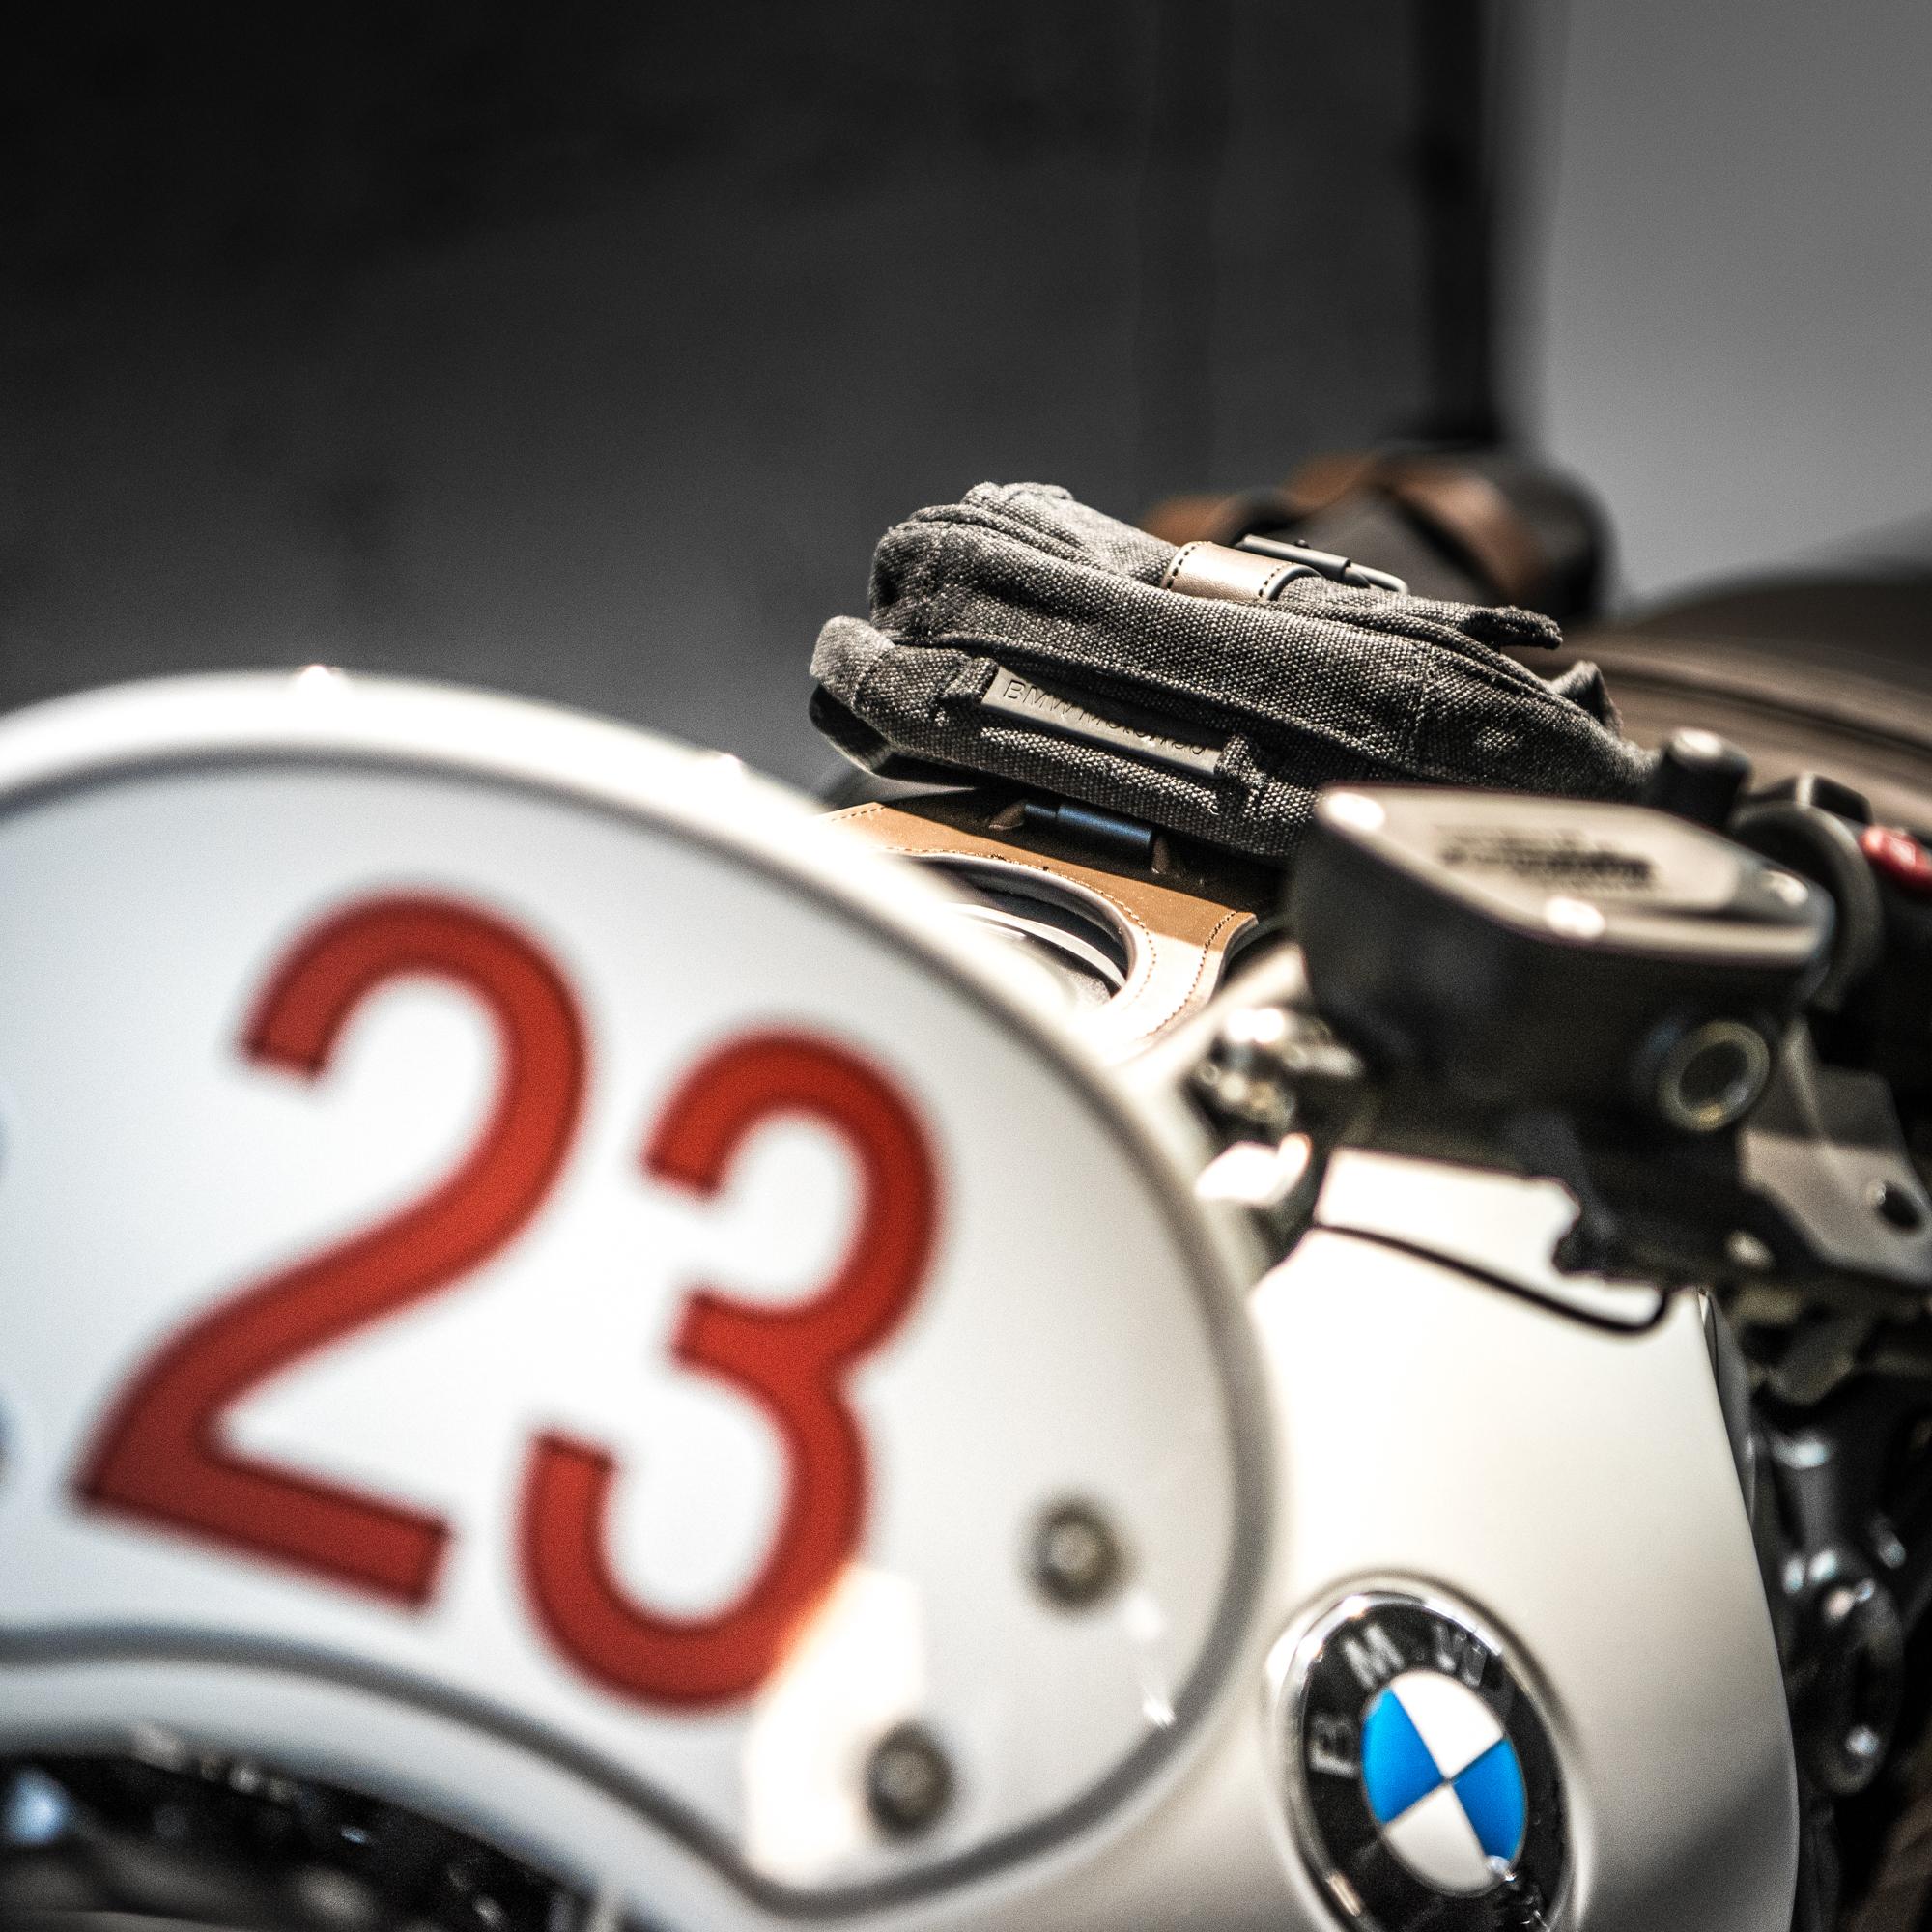 Paar Spiegel Street Carbon-Look Logo Weiß BMW S 1000 R Naked